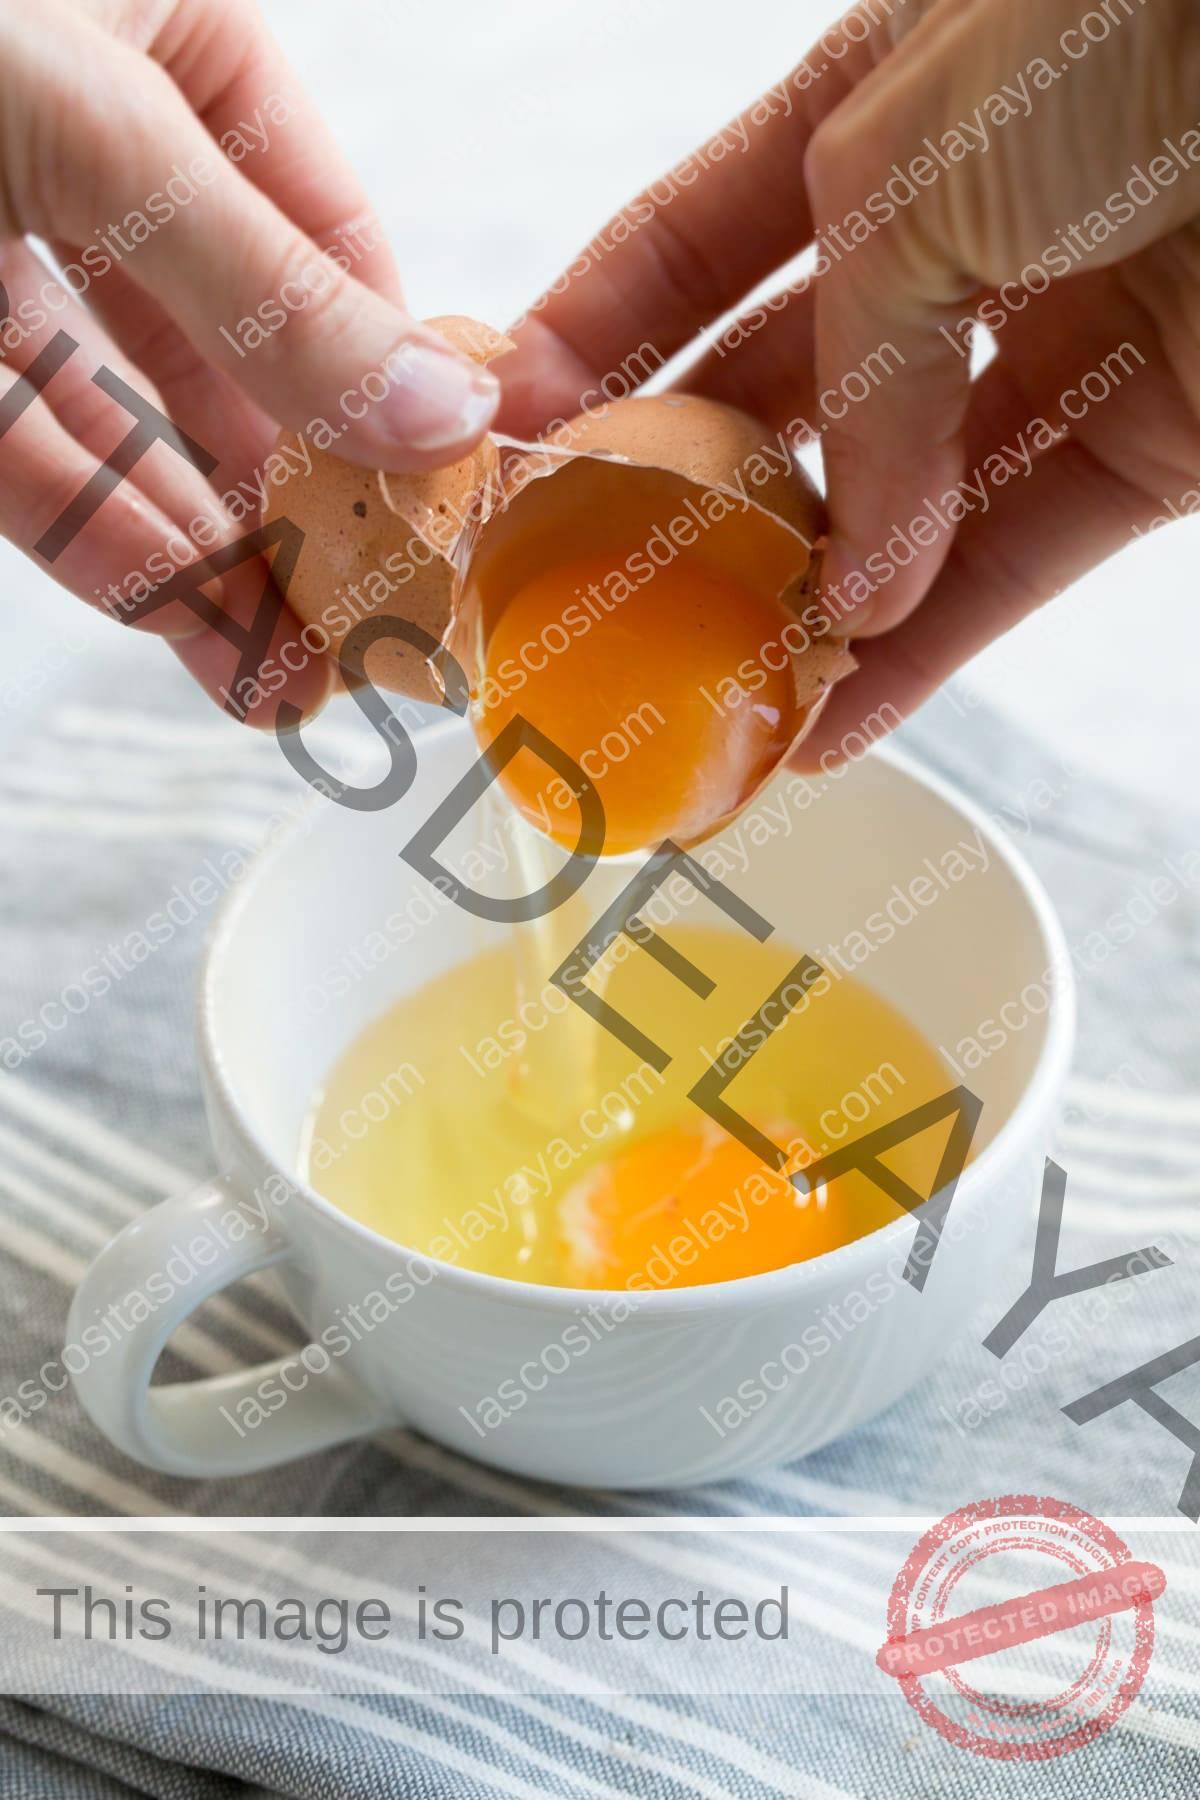 romper el huevo en una taza